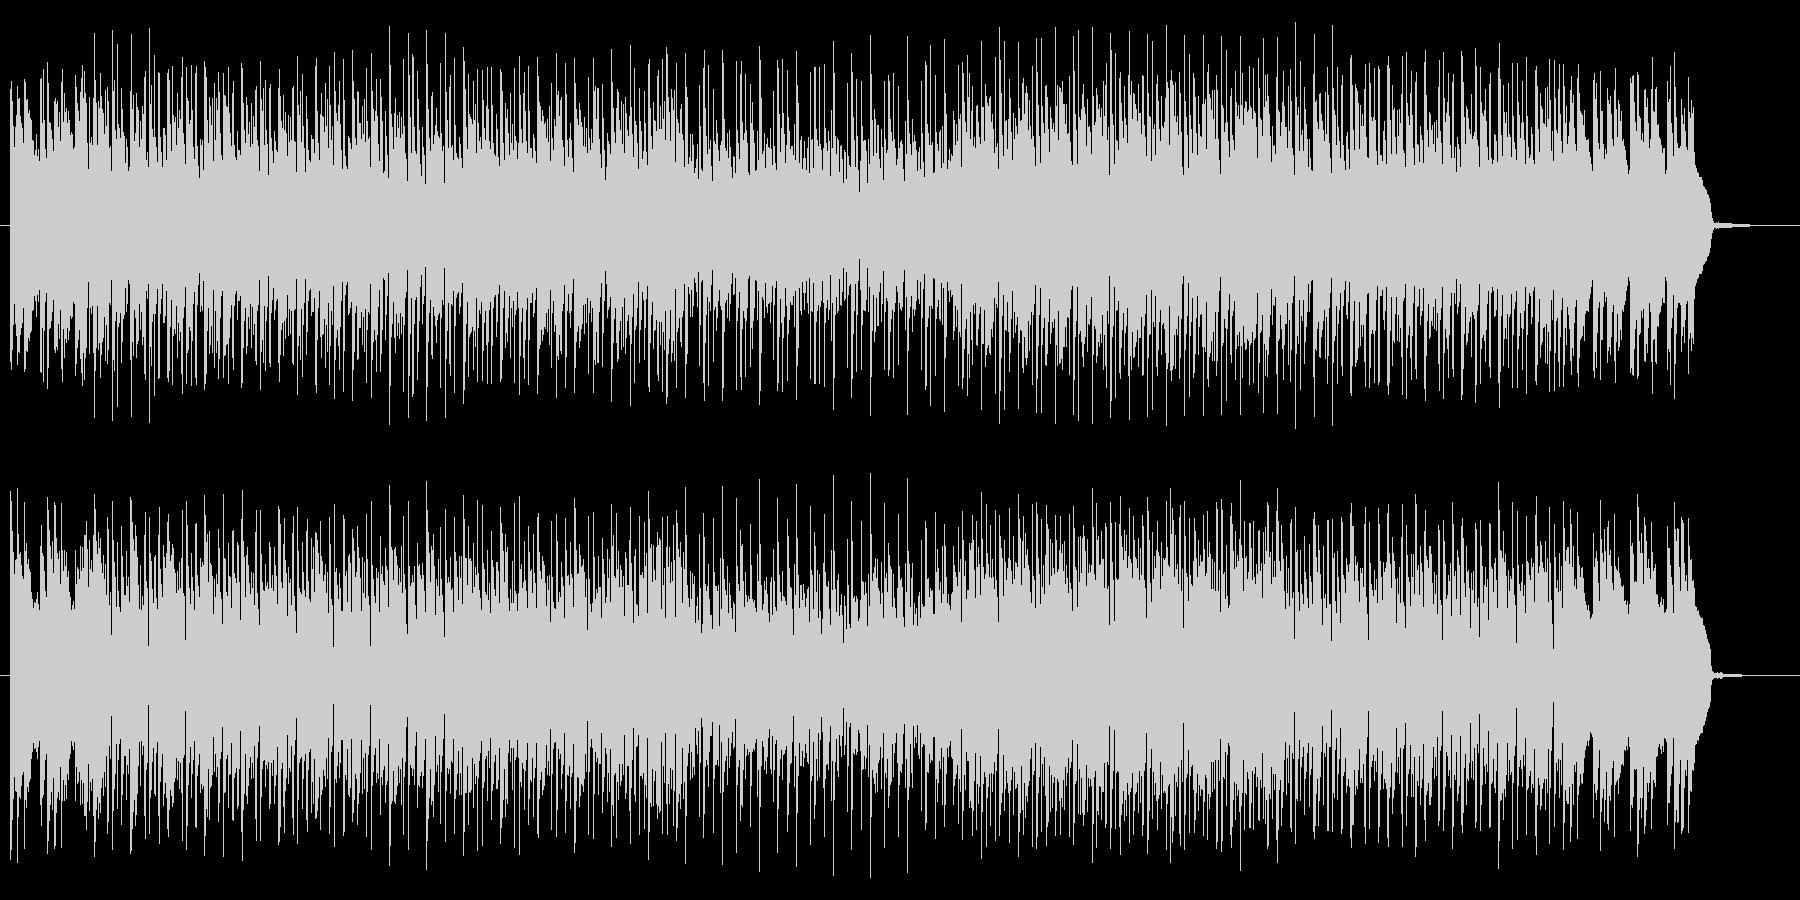 疾走感ある神秘的なテクノサウンドの未再生の波形